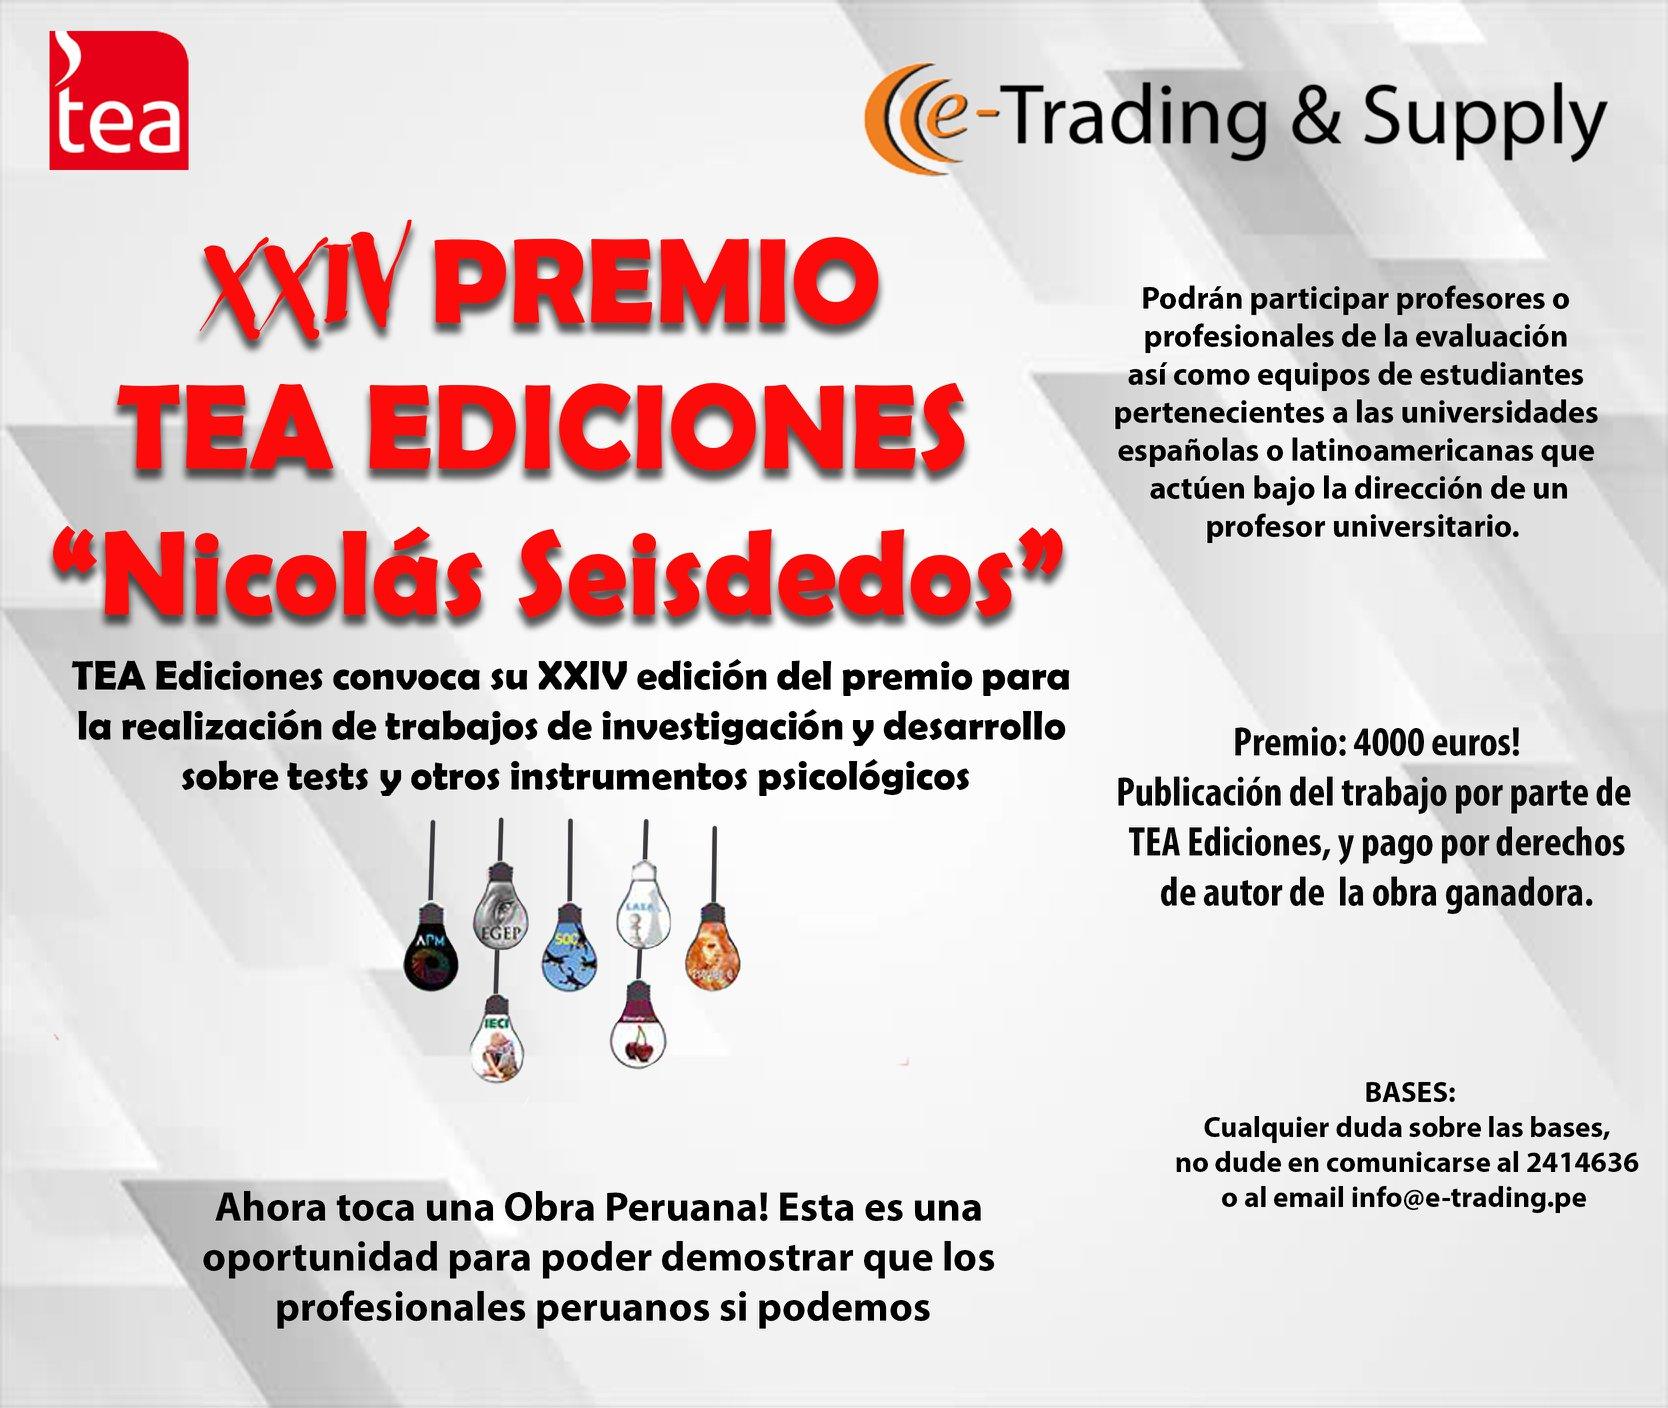 PREMIO TEA EDICIONES